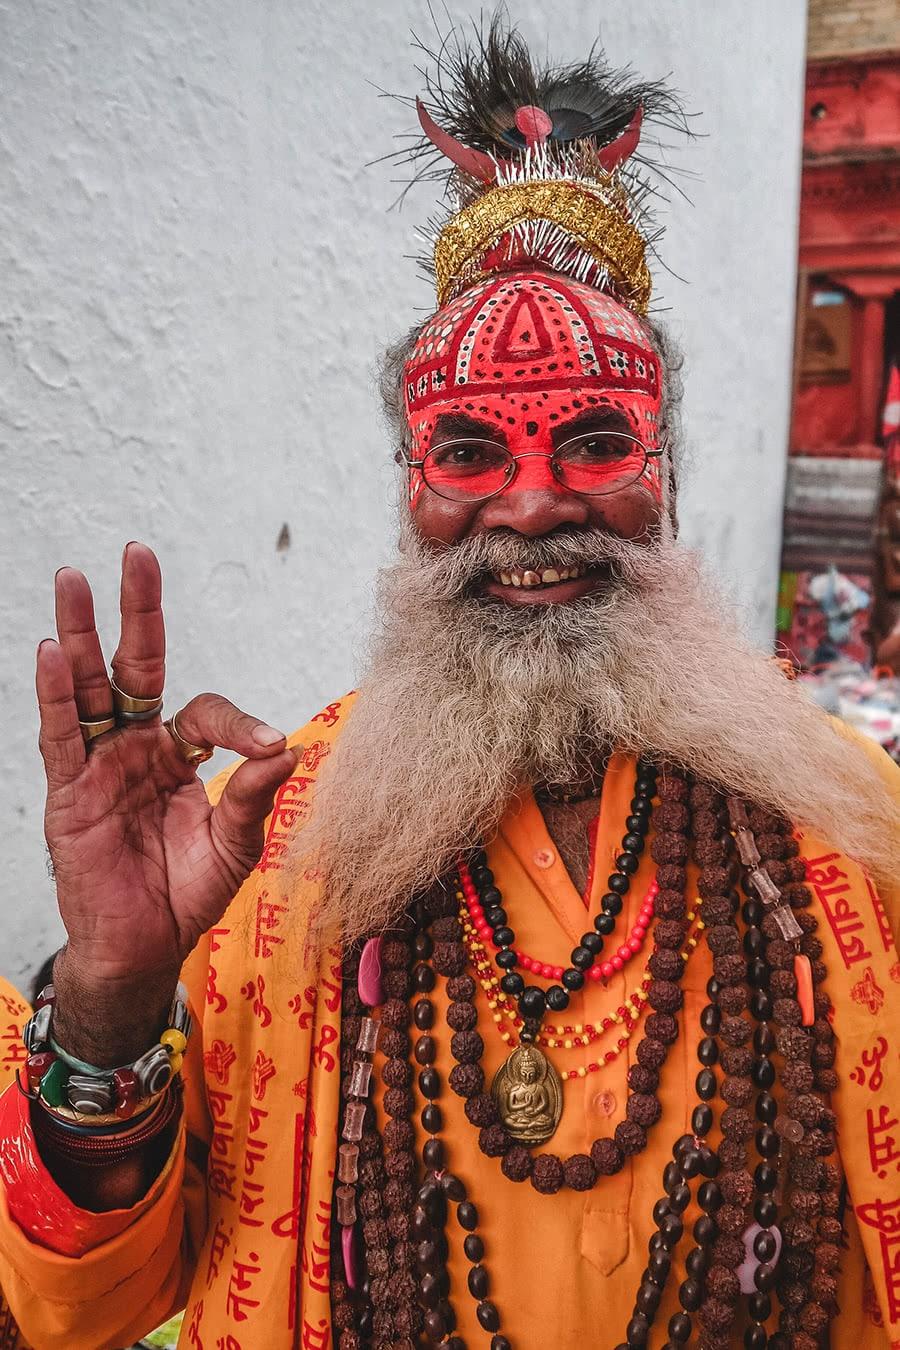 Sadhu on the streets of Kahtmandu.